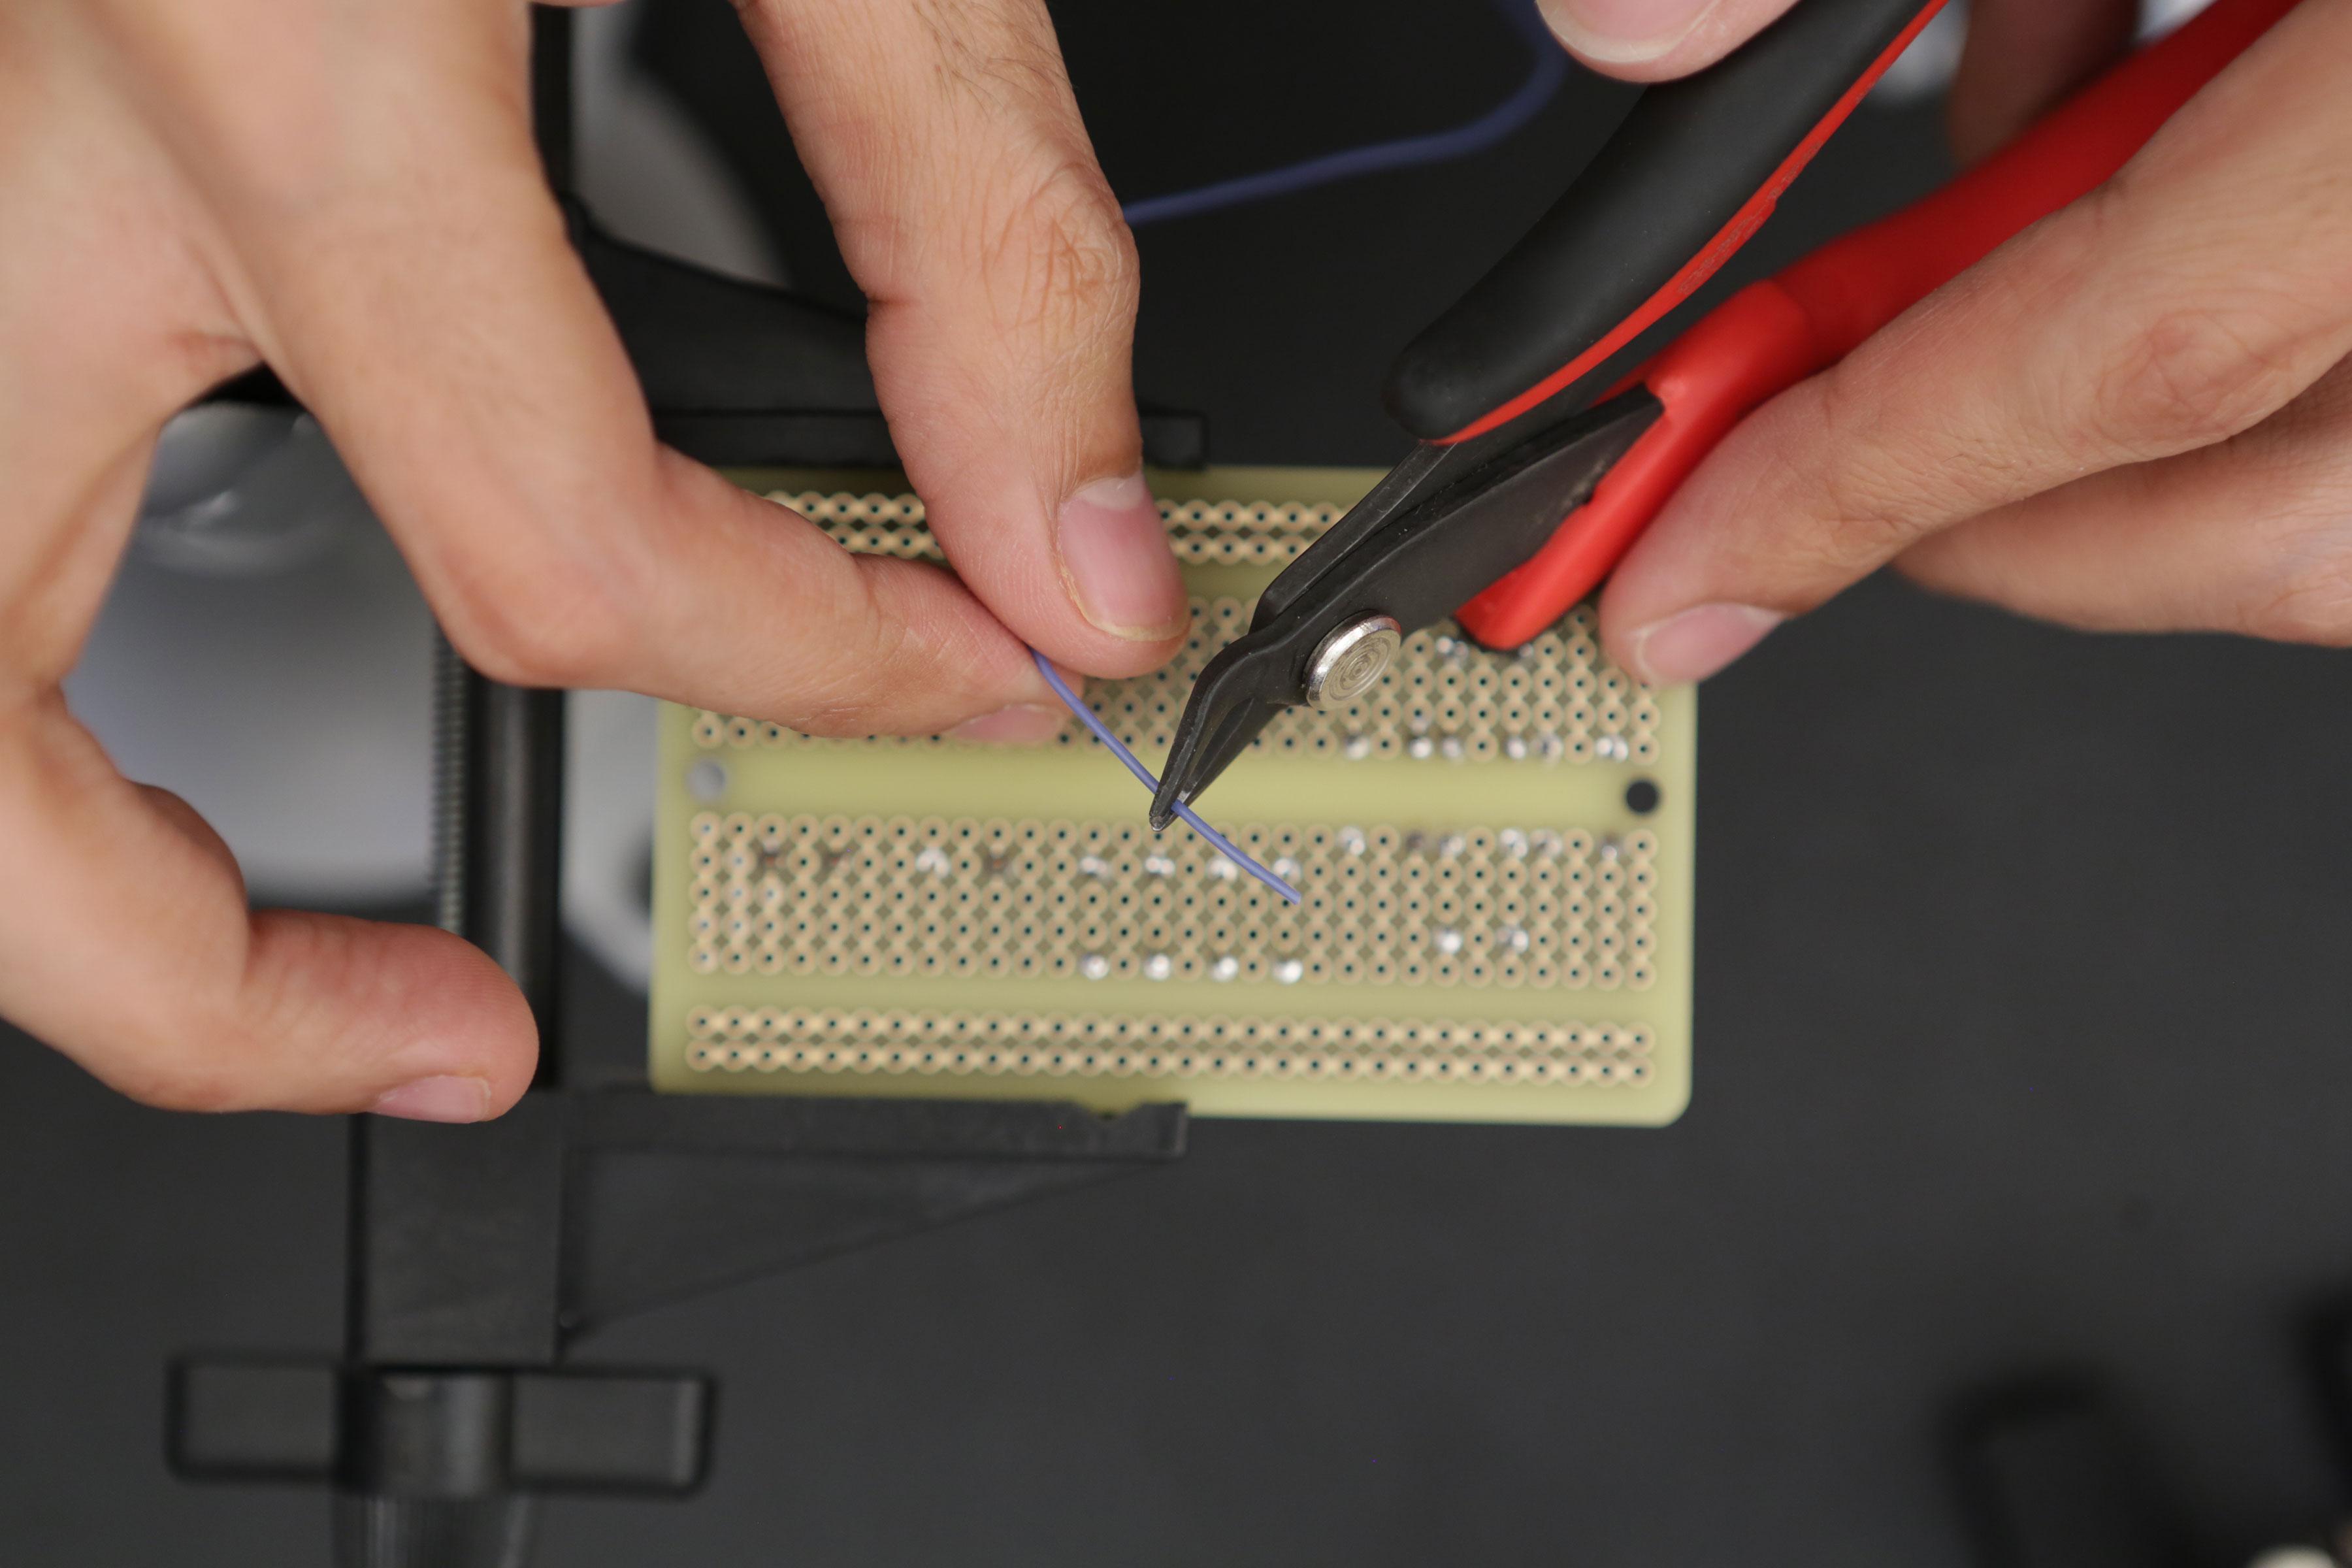 gaming_button-ground-wire-cut.jpg